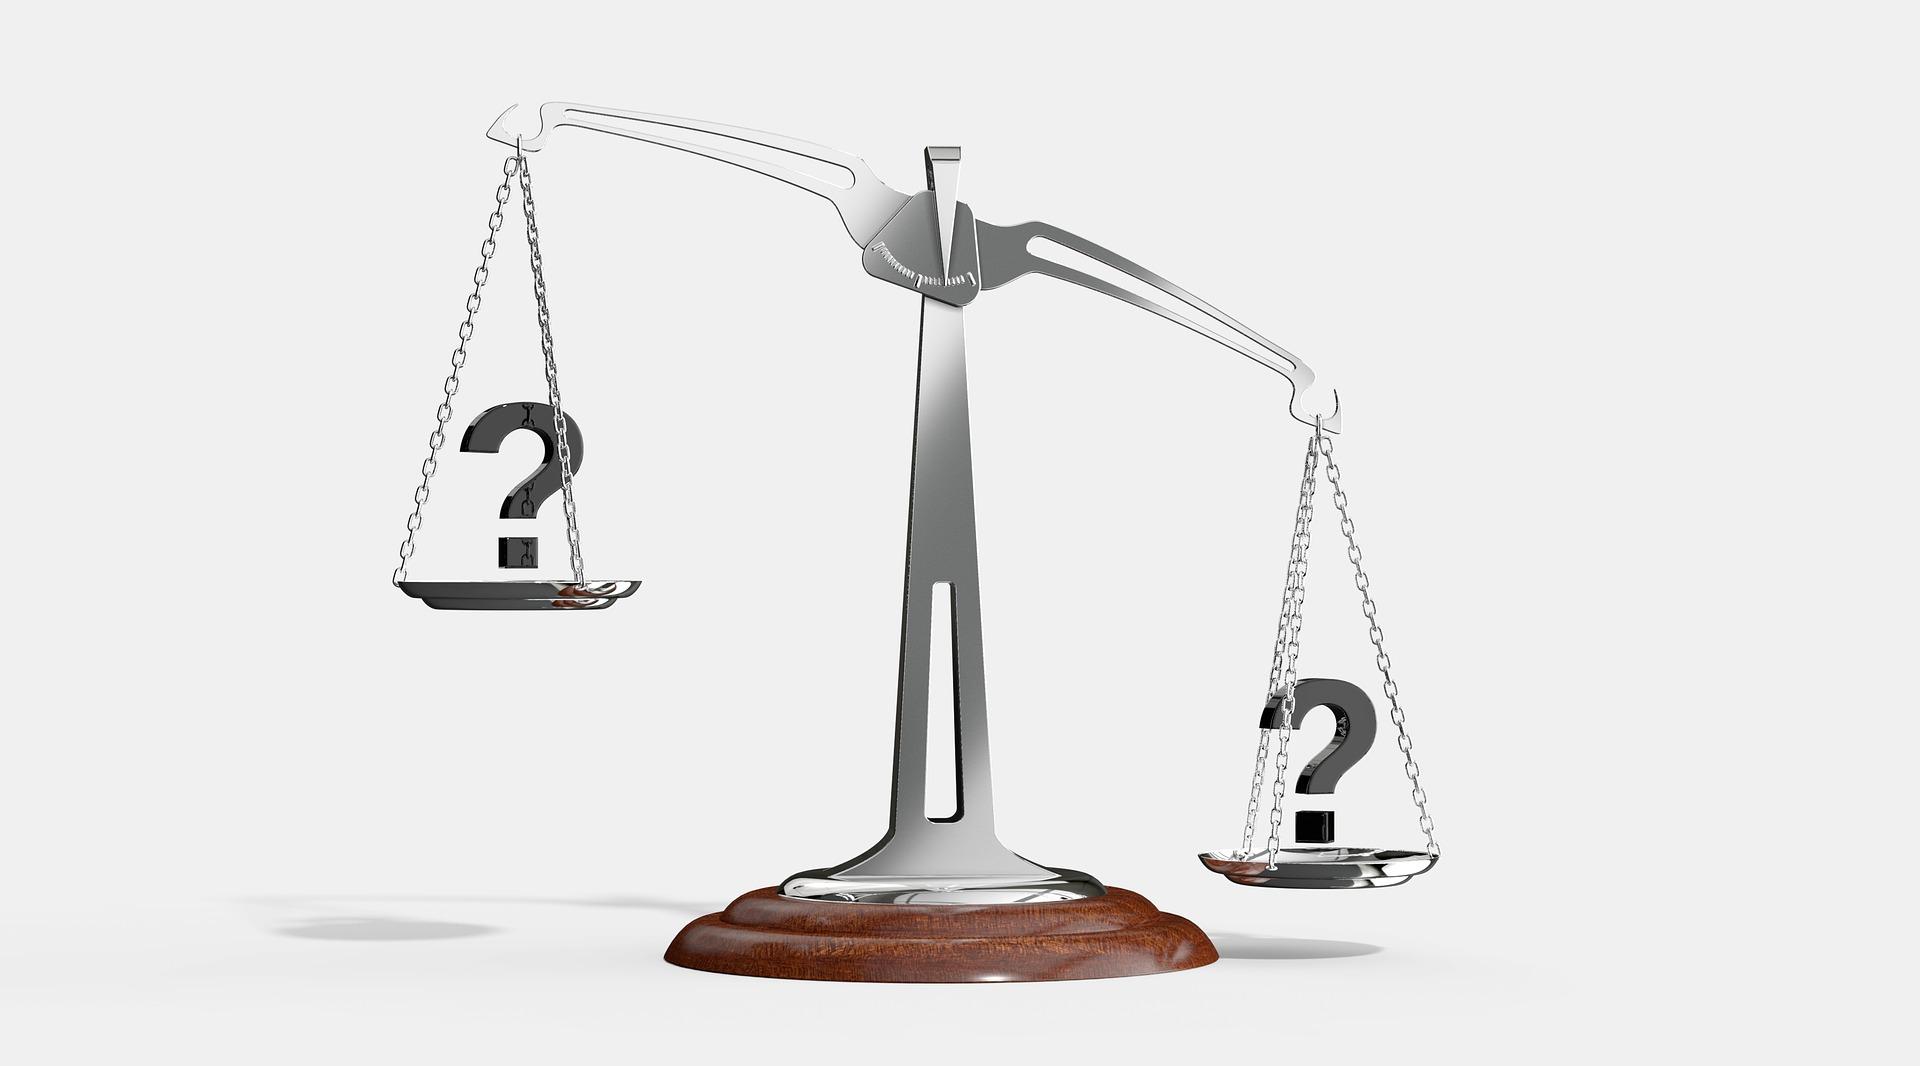 ソフトバンクとauはどっちがお得?料金プランやデータ量から比較